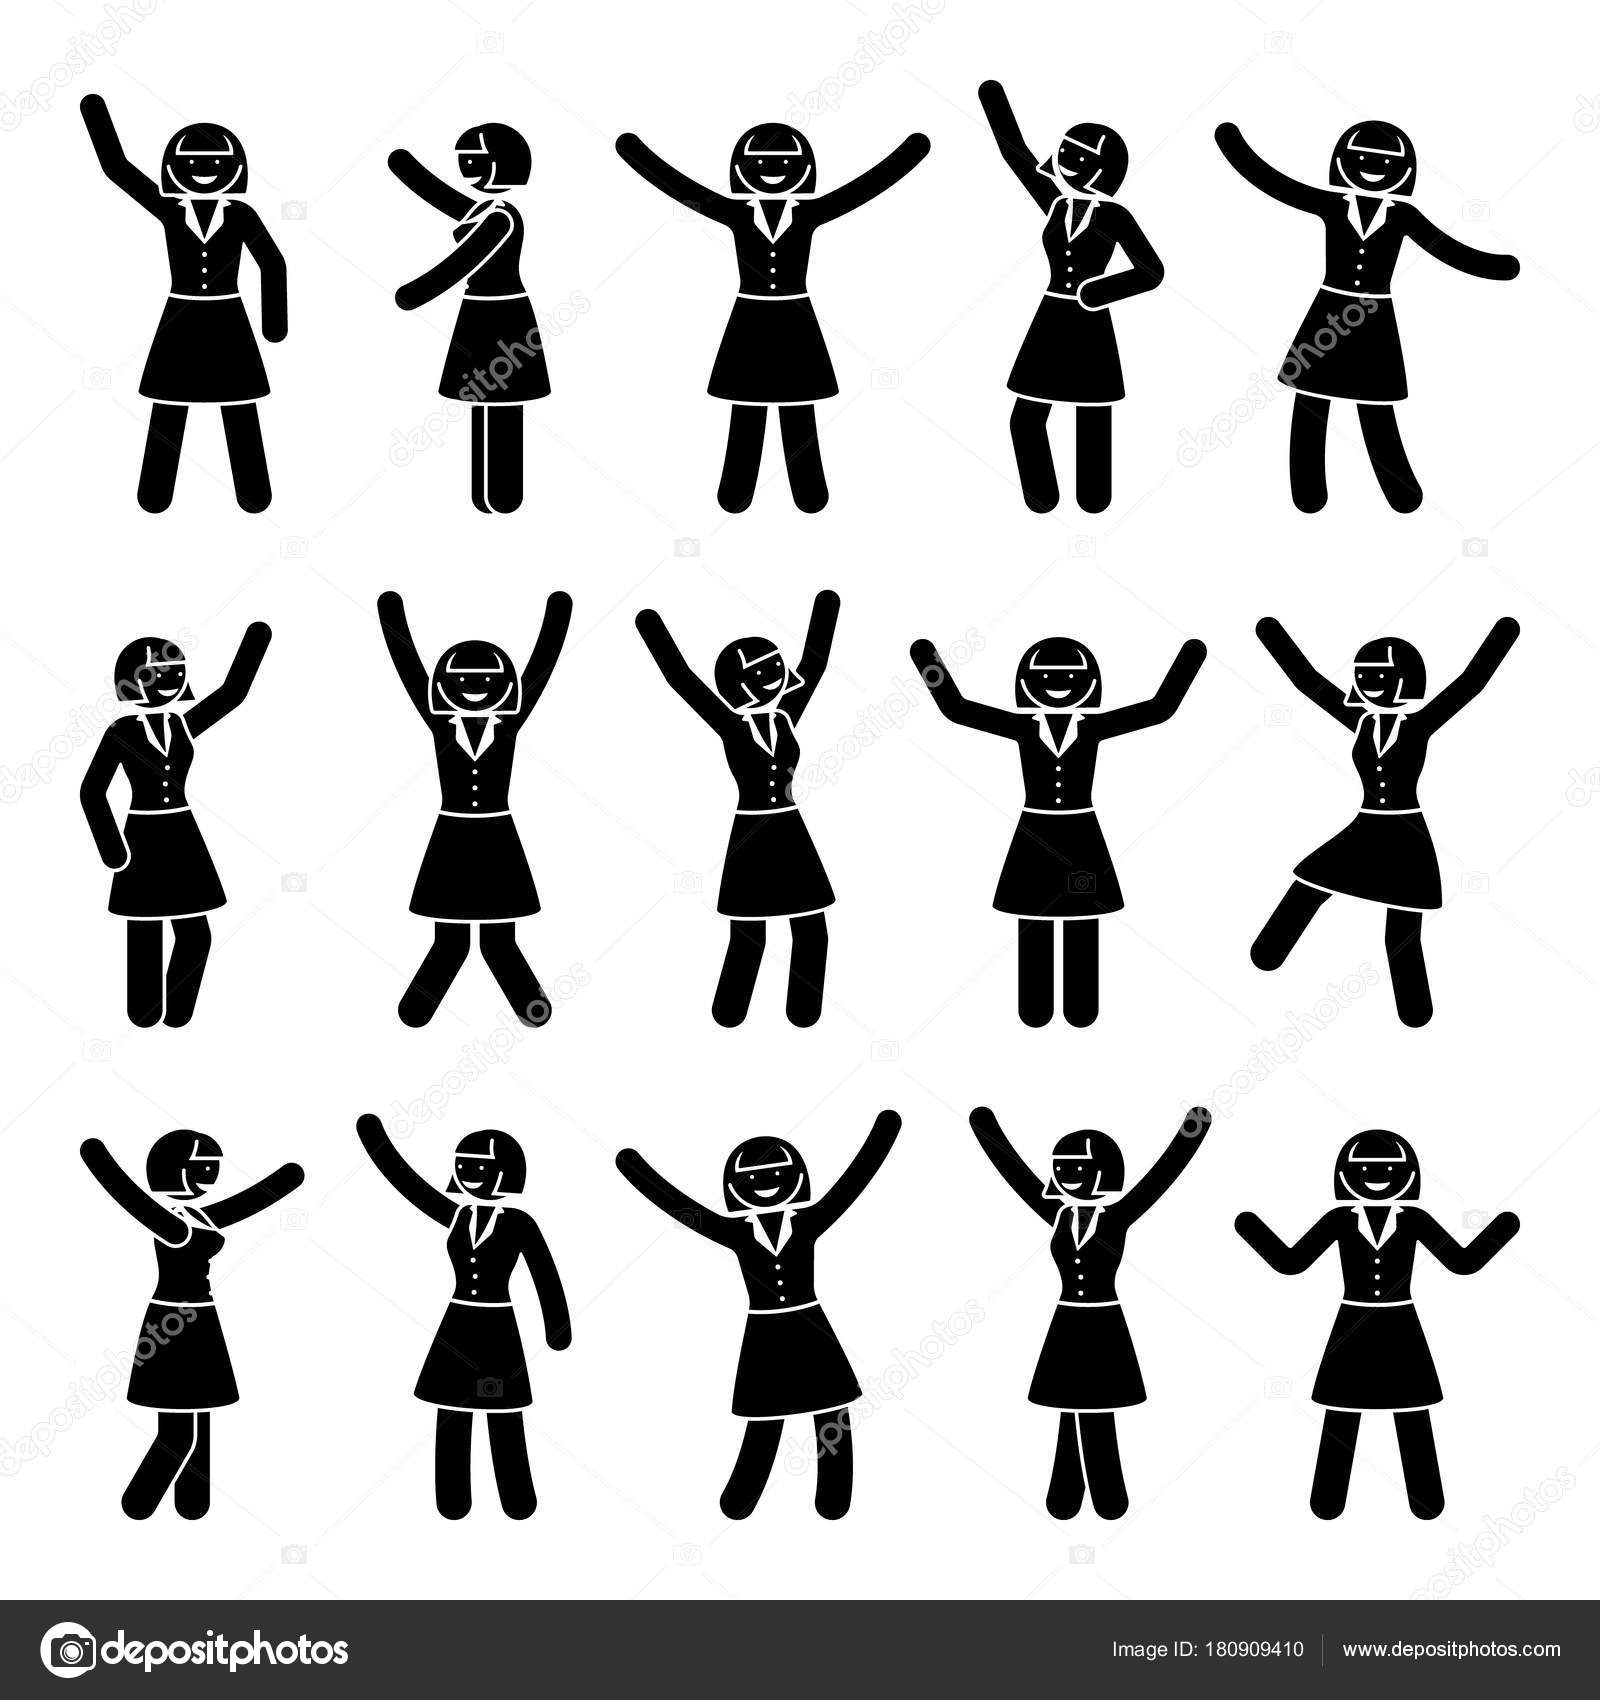 スティック図幸福 動き女性セット お祝いのベクトル イラスト ポーズ黒と